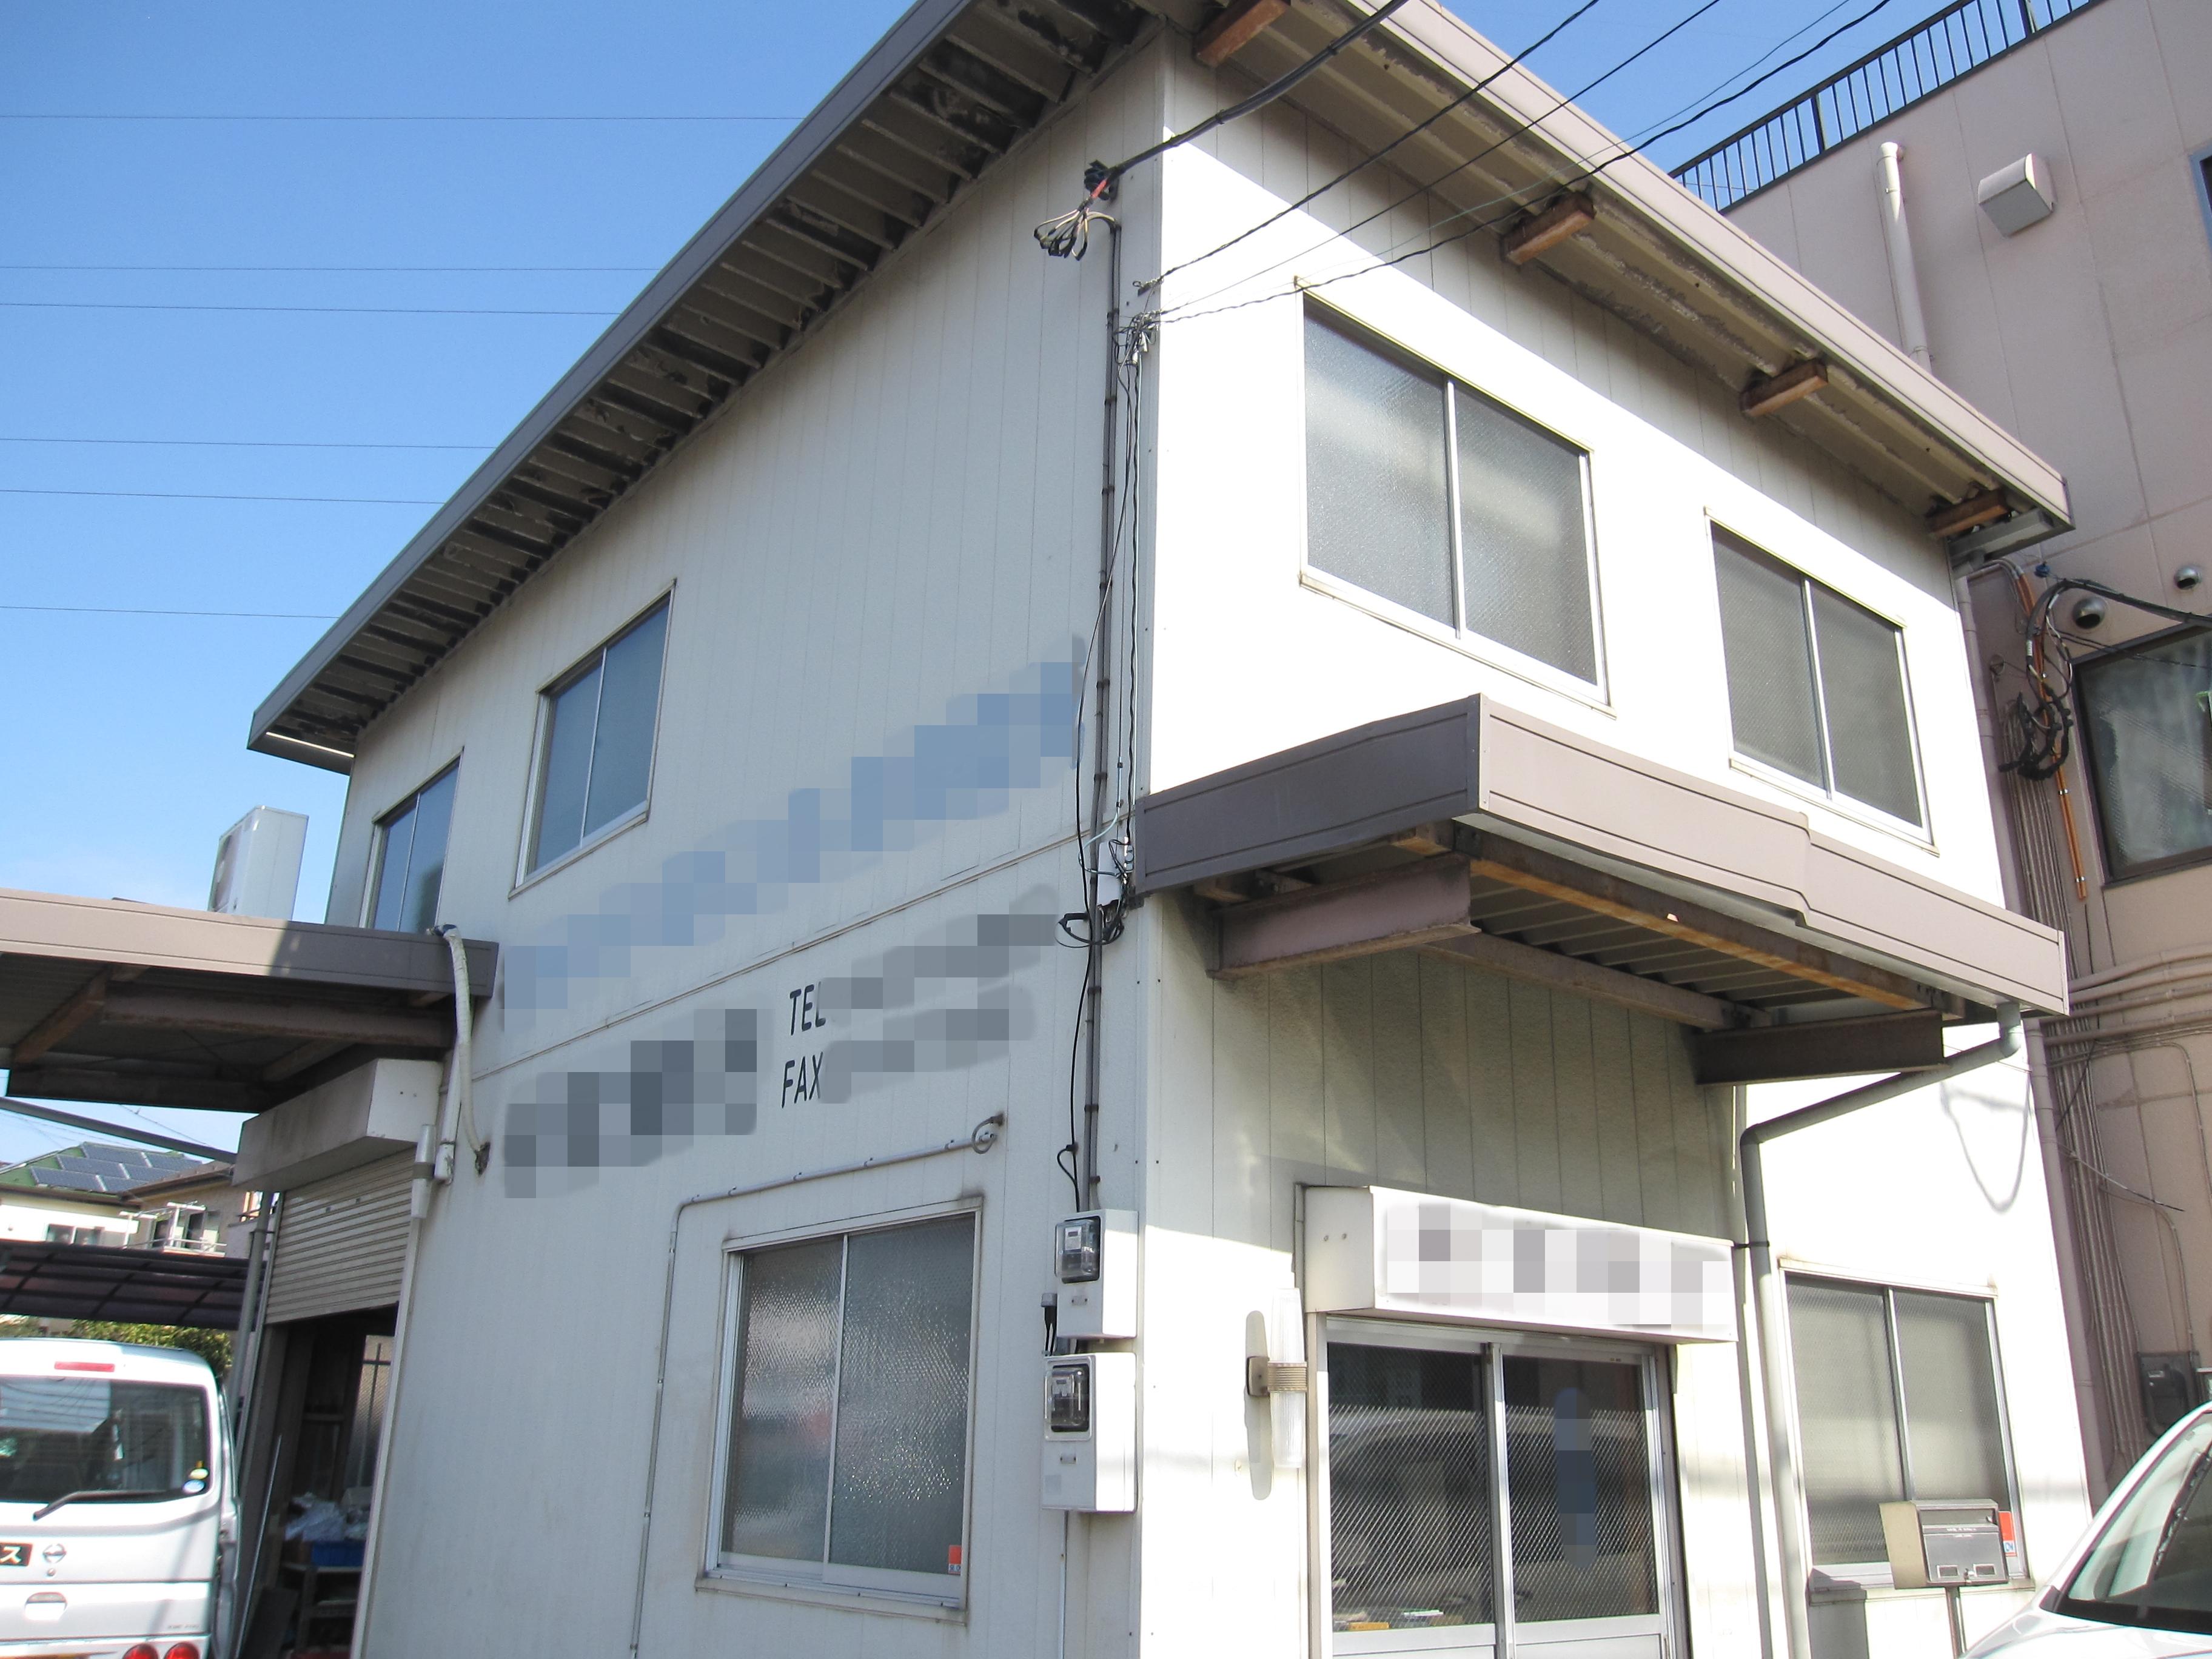 東京都足立区 T社様 外壁塗装